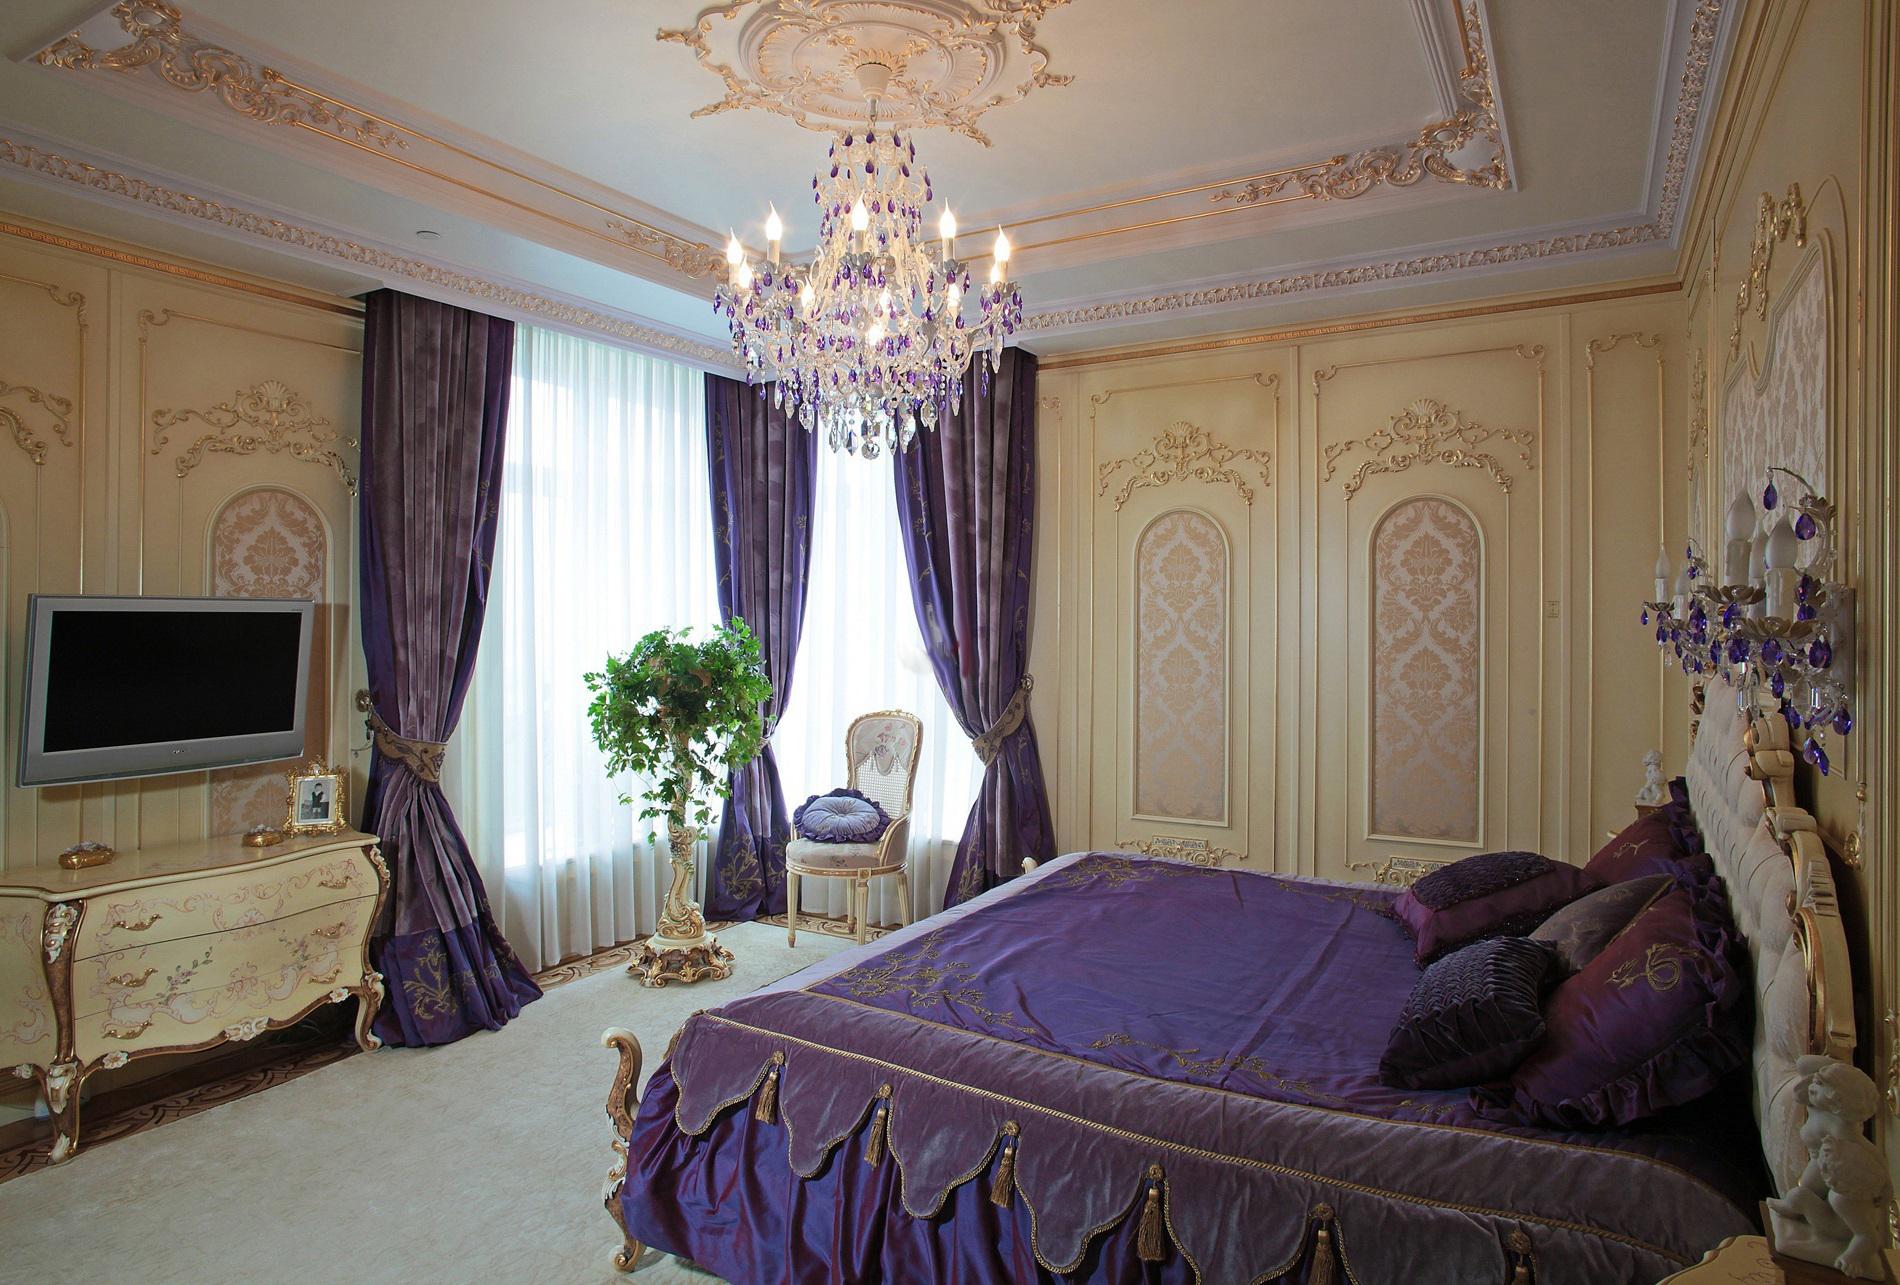 Стильная спальная комната в стиле барокко. Тонкий дизайнерский замысел - темно-фиолетовые шторы сочетаются с постельными принадлежностями, подобранными в тон.